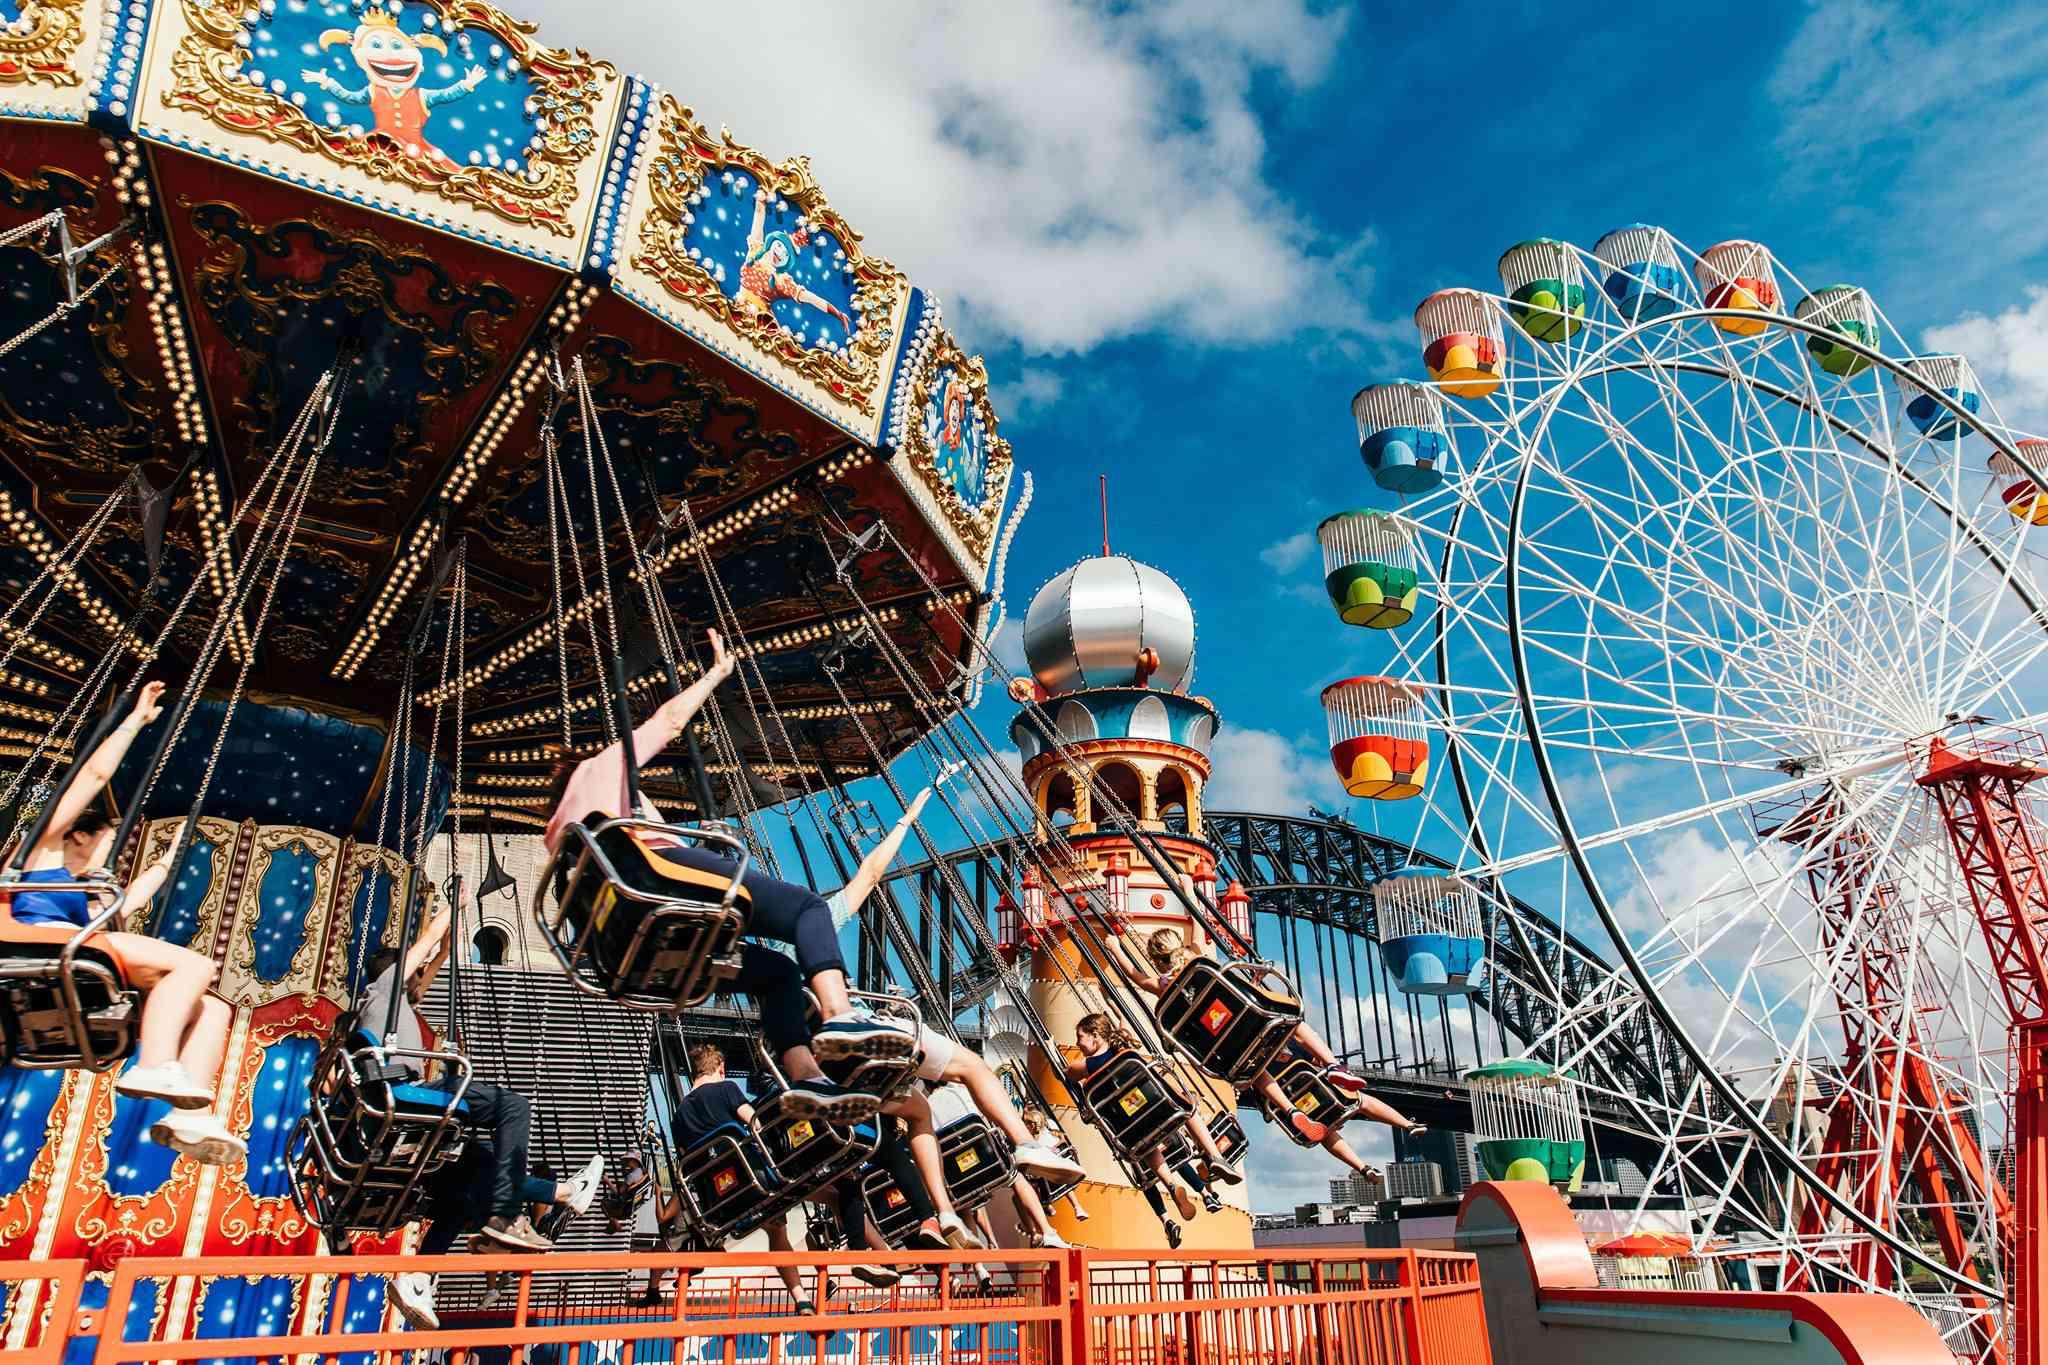 Amusement park rides at Luna Park